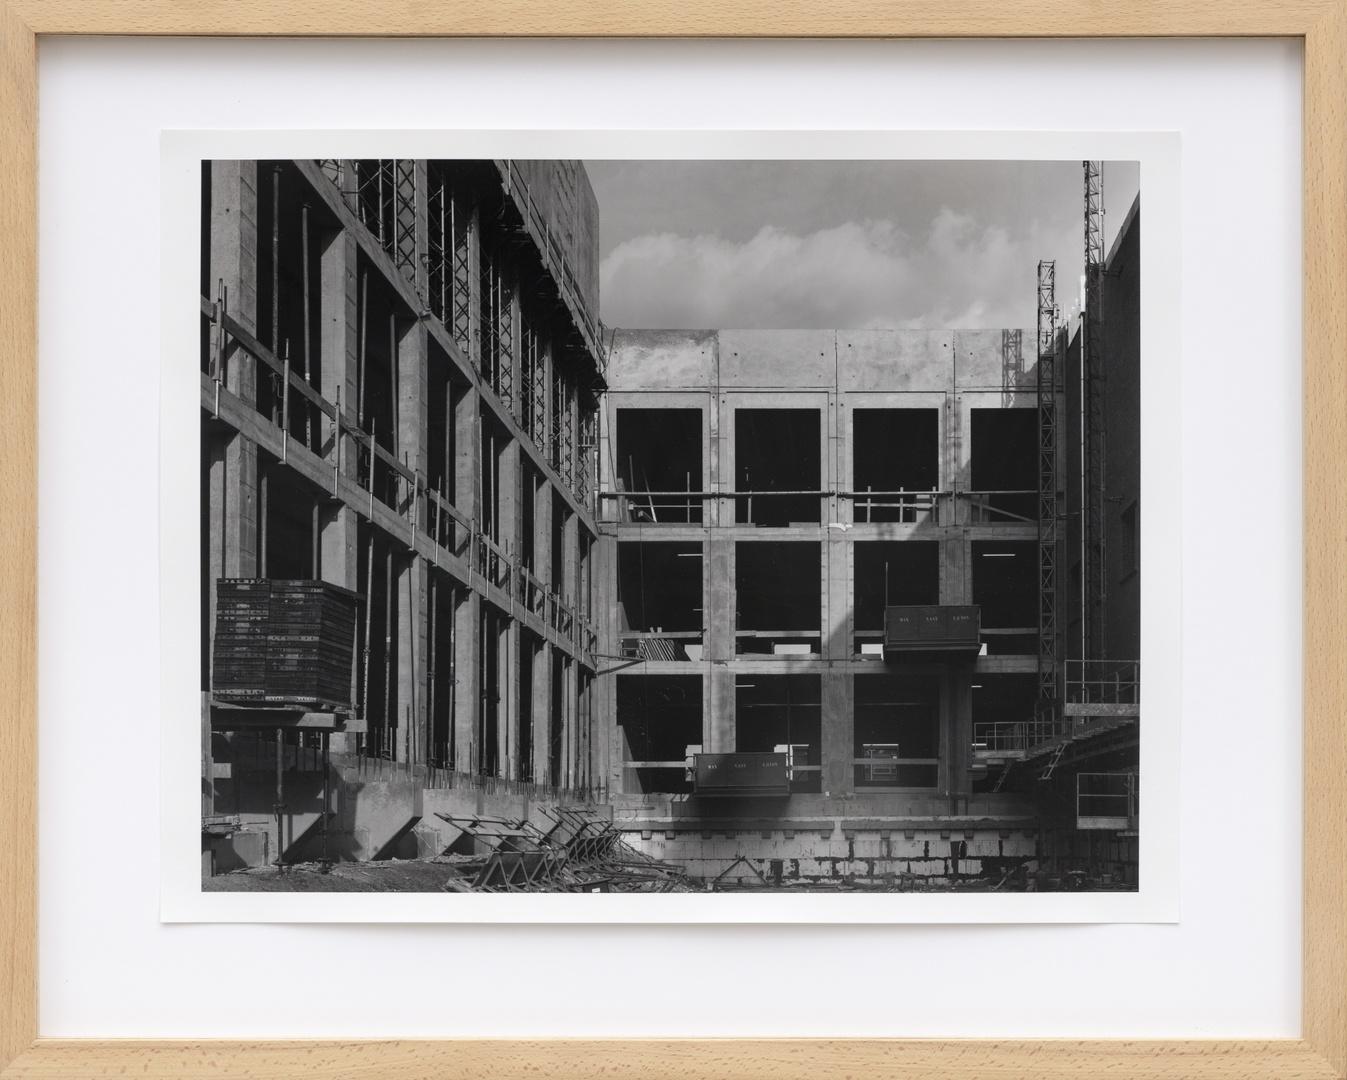 Bouw Bonnefantenmuseum 1992-1994 ; Betonstorten hoofdgebouw